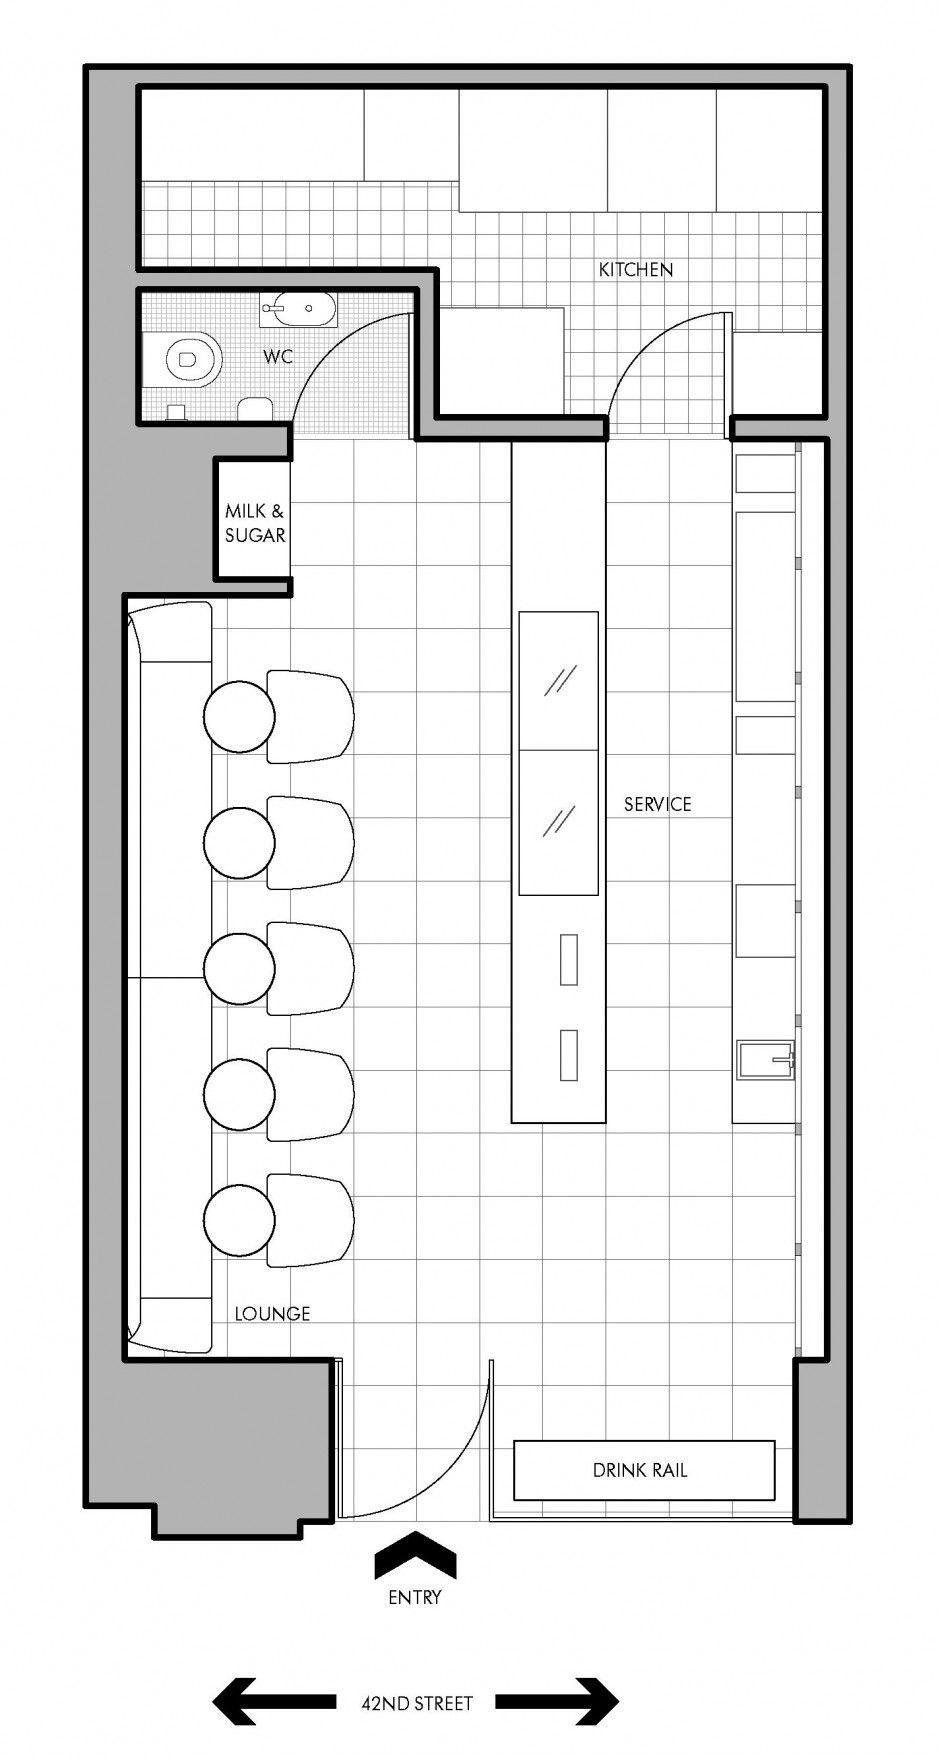 despresso_081010_06   CONTEMPORIST   Cafe floor plan ...